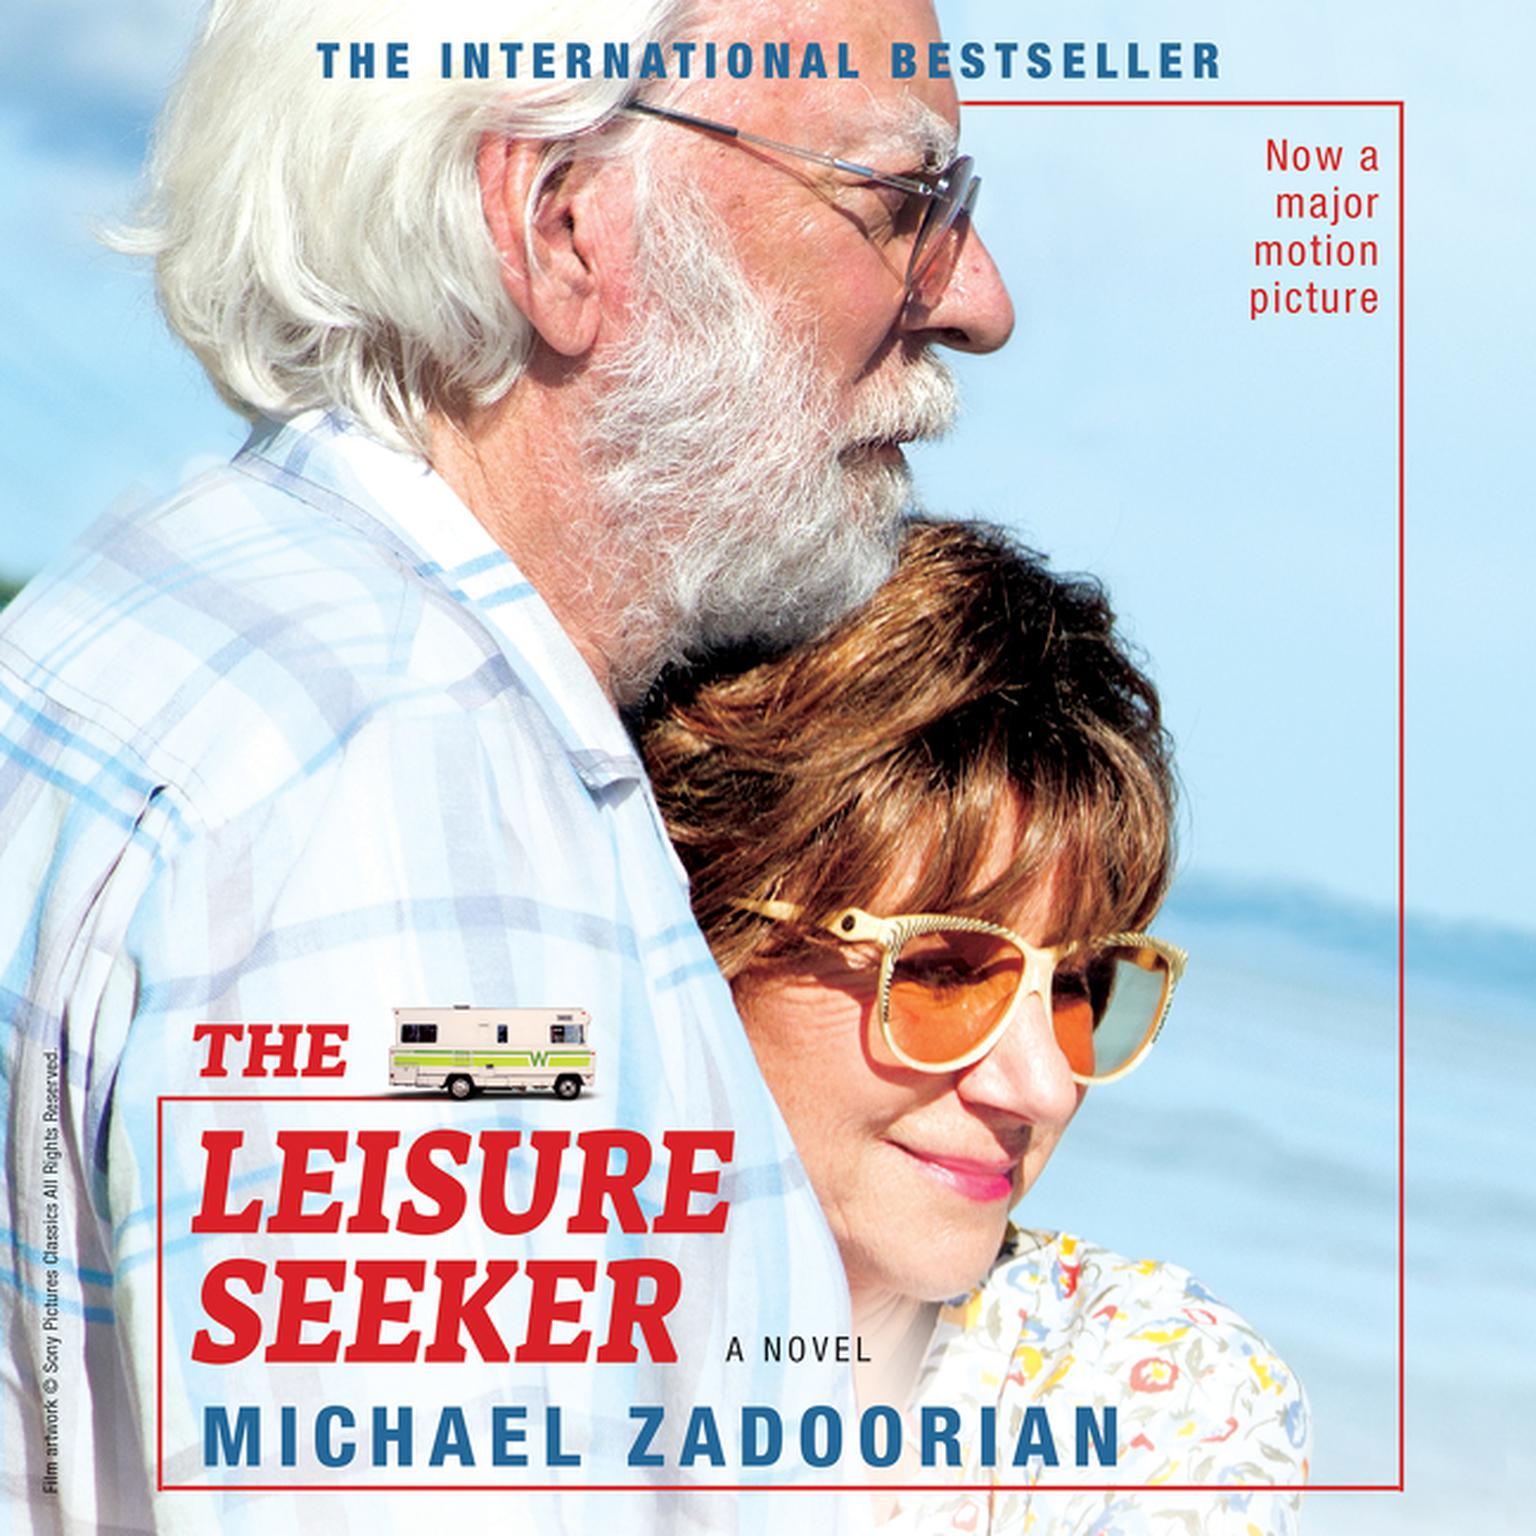 The Leisure Seeker: A Novel Audiobook, by Michael Zadoorian